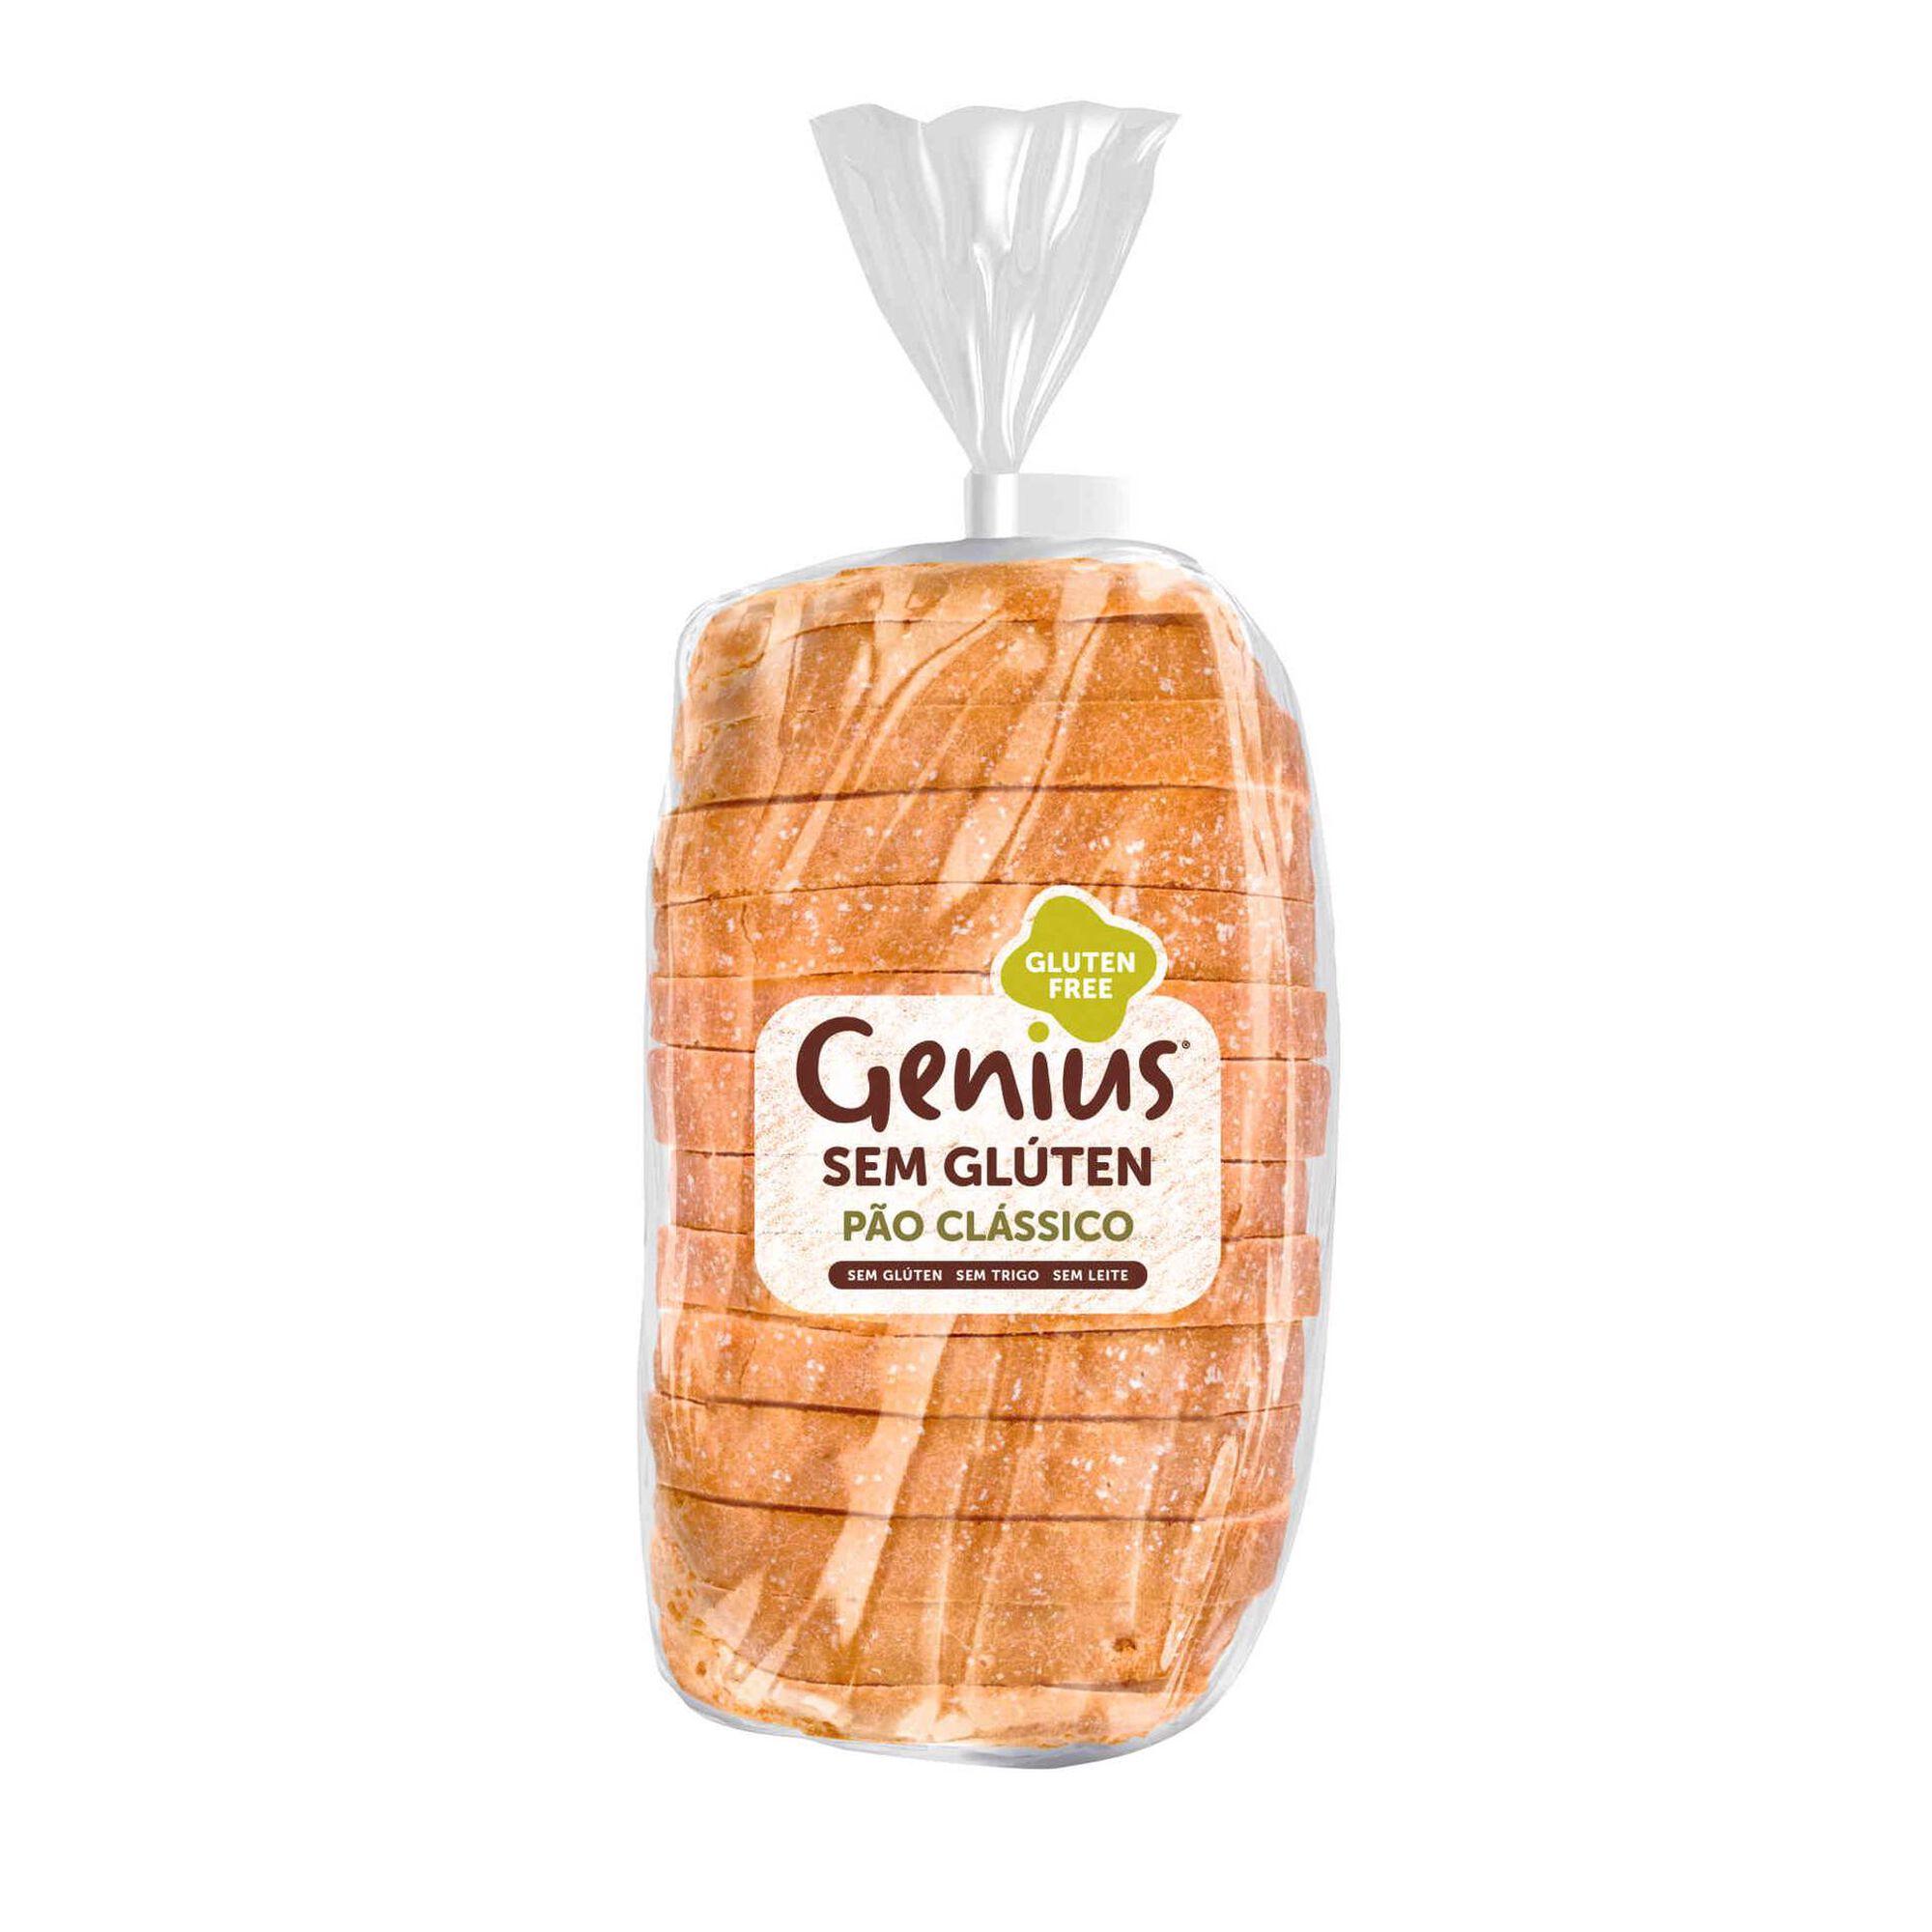 Pão Clássico sem Glúten